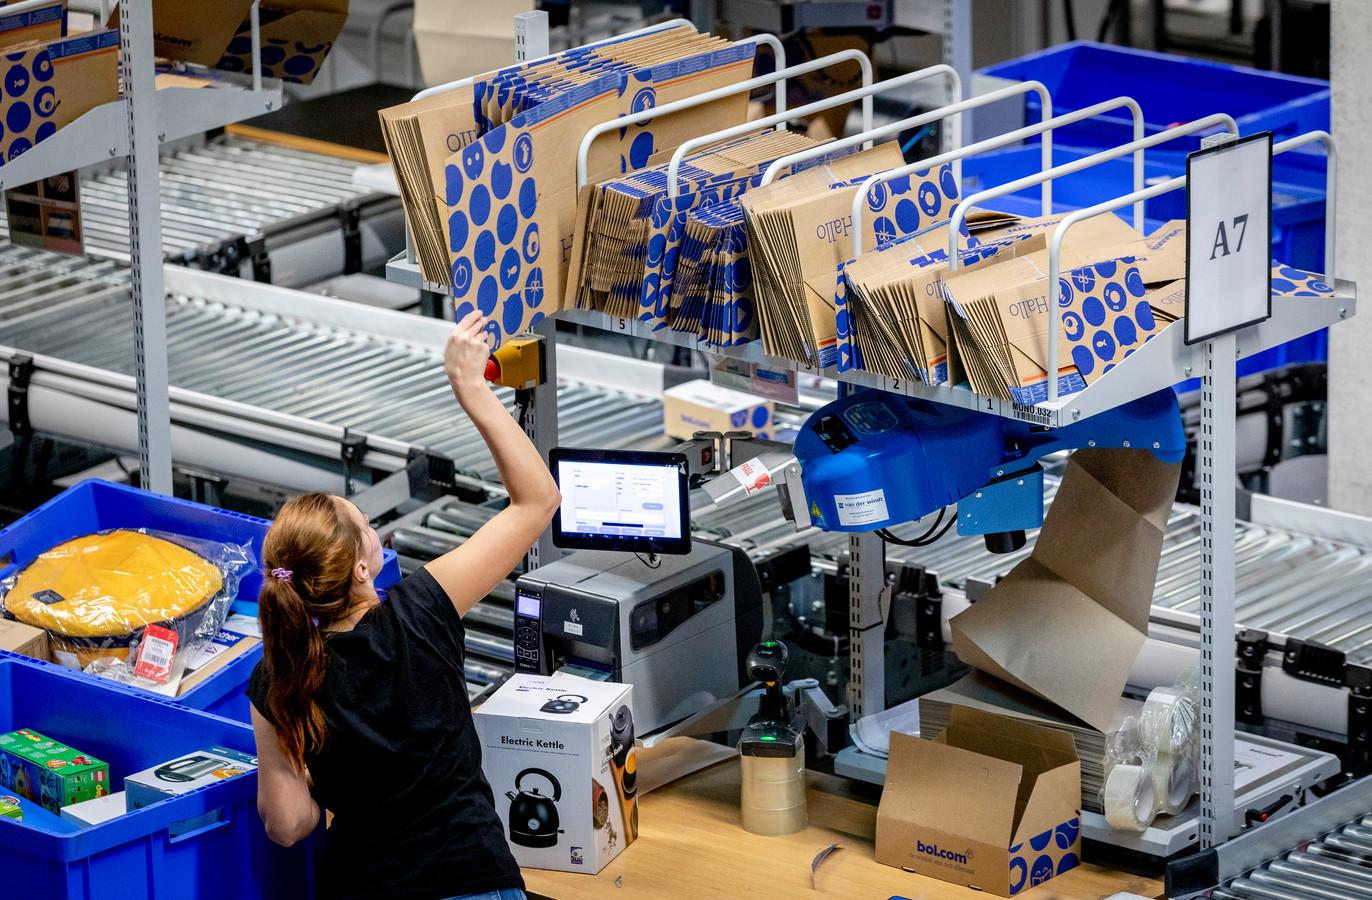 Pakketten worden voor verzending gesorteerd in het distributiecentrum van bol.com. De webwinkel maakt zich op voor de feestdagen.